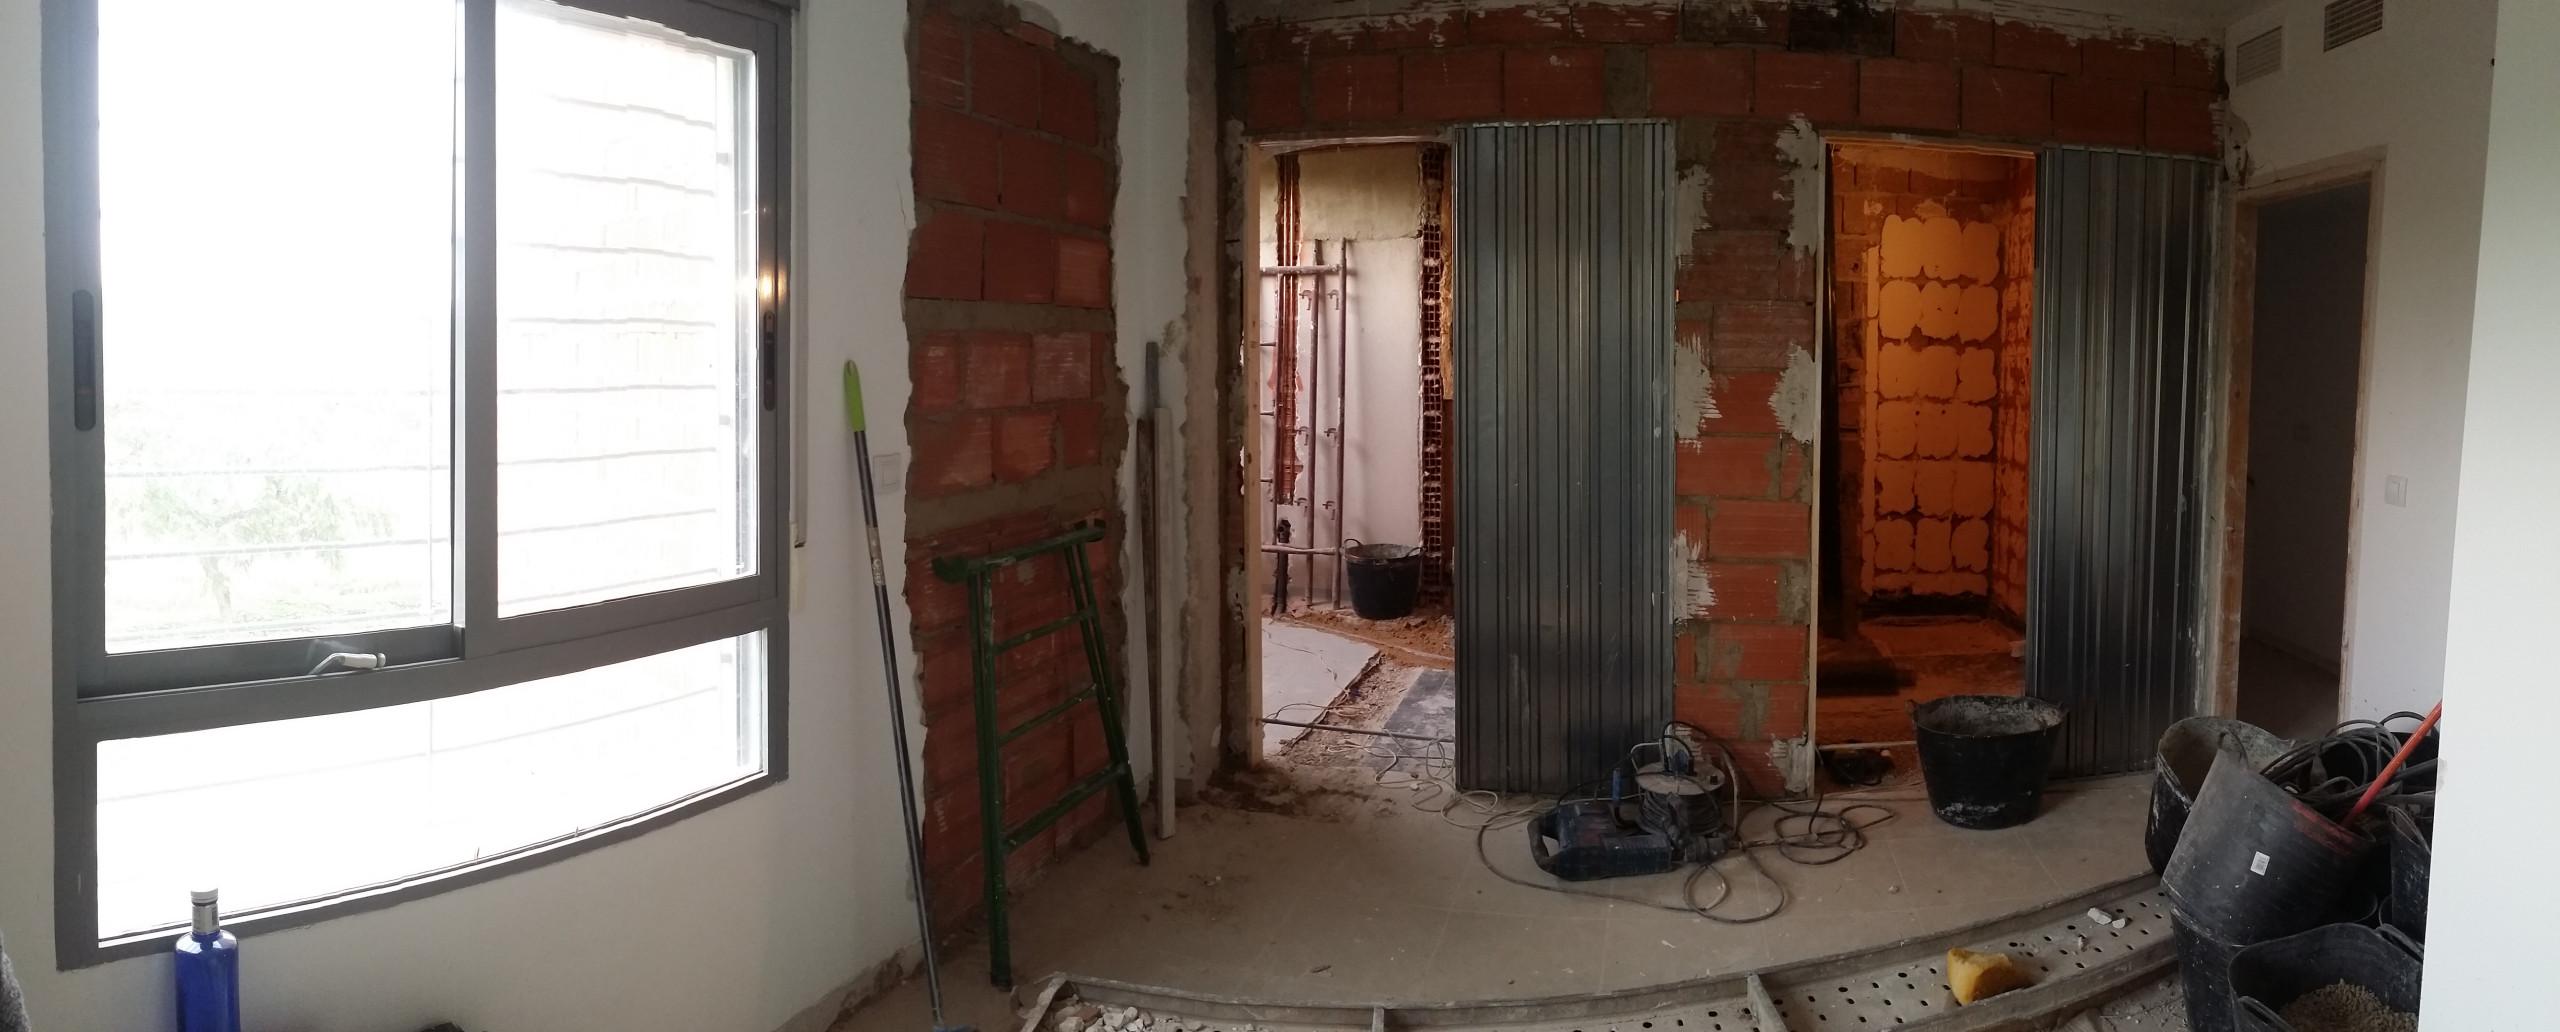 Proceso obra - Planta 1ª (Dormitorio principal, vestidor, baño)